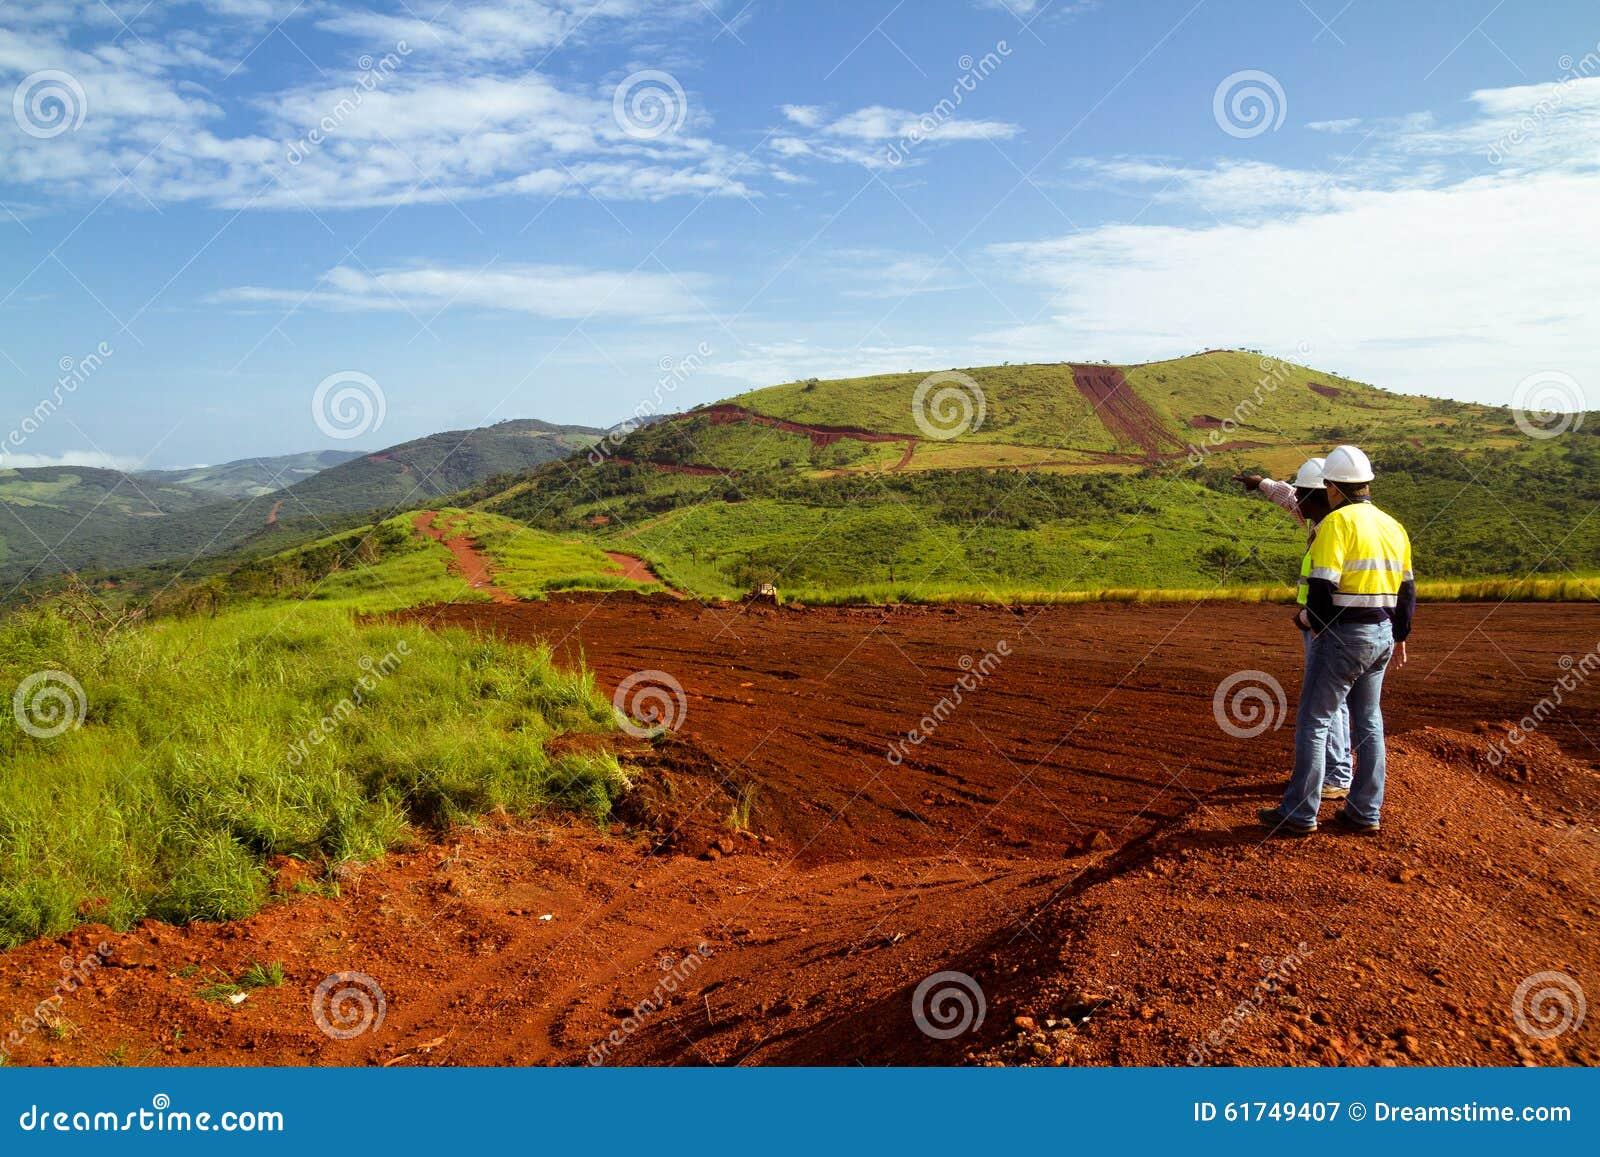 Рабочий-строители минирования на верхней части горы в Сьерра-Леоне